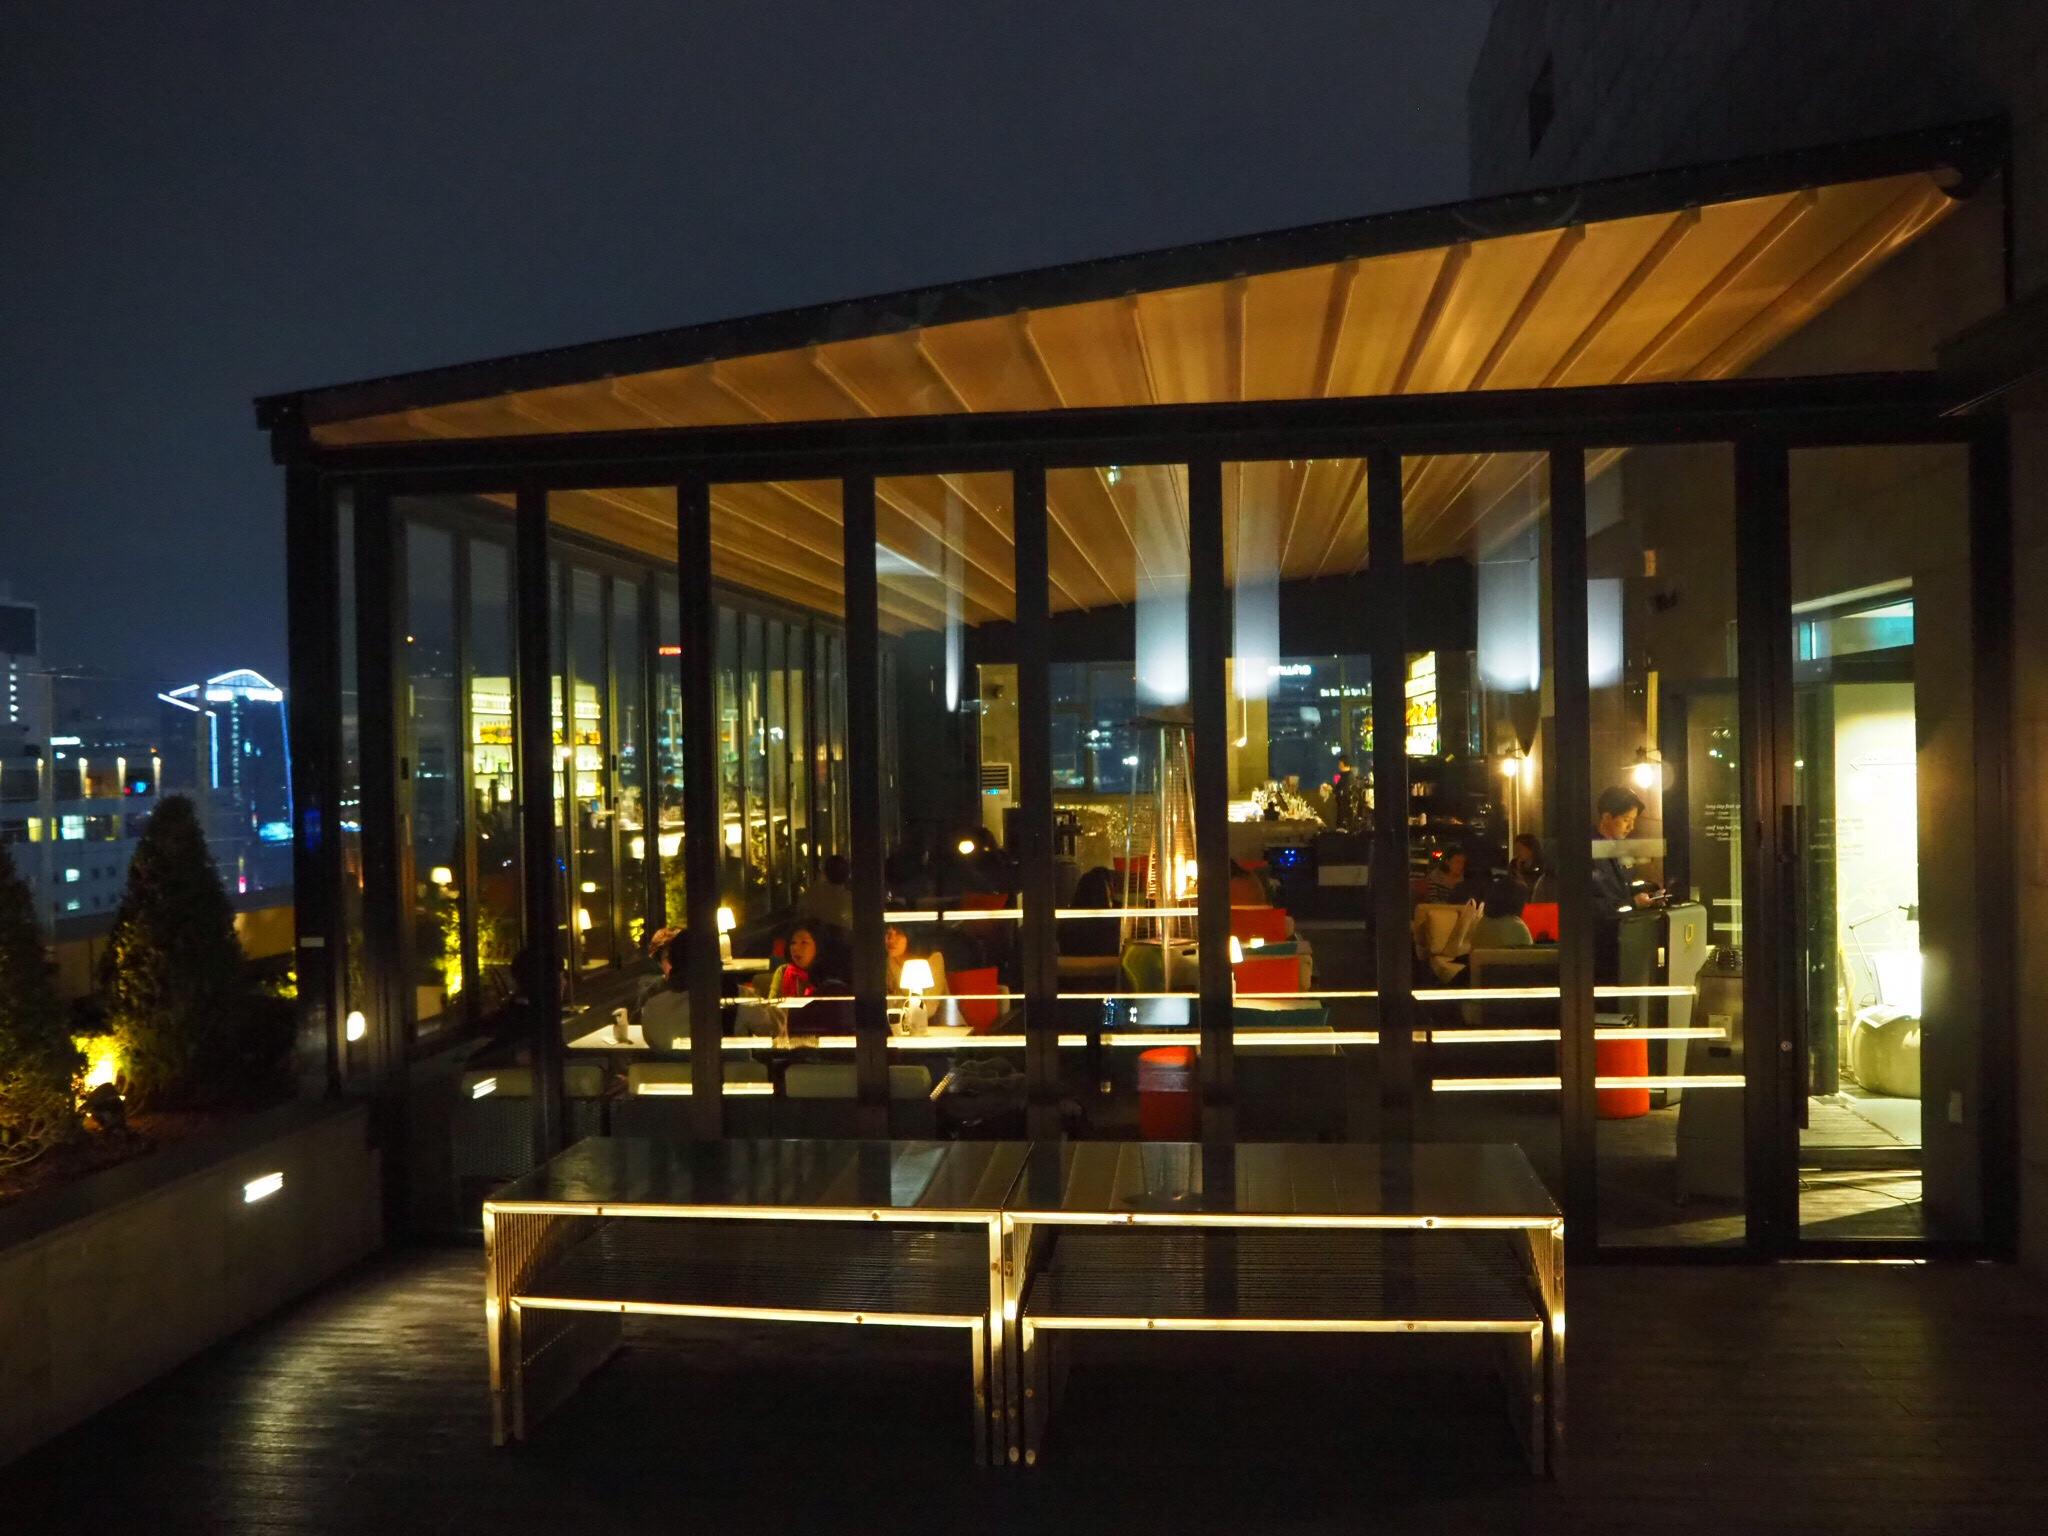 img 8670 - L7 HOTELS - どこを切り取ってもフォトジェニック!韓国ソウルに新しくオープンしたロッテグループのデザイナーズホテル